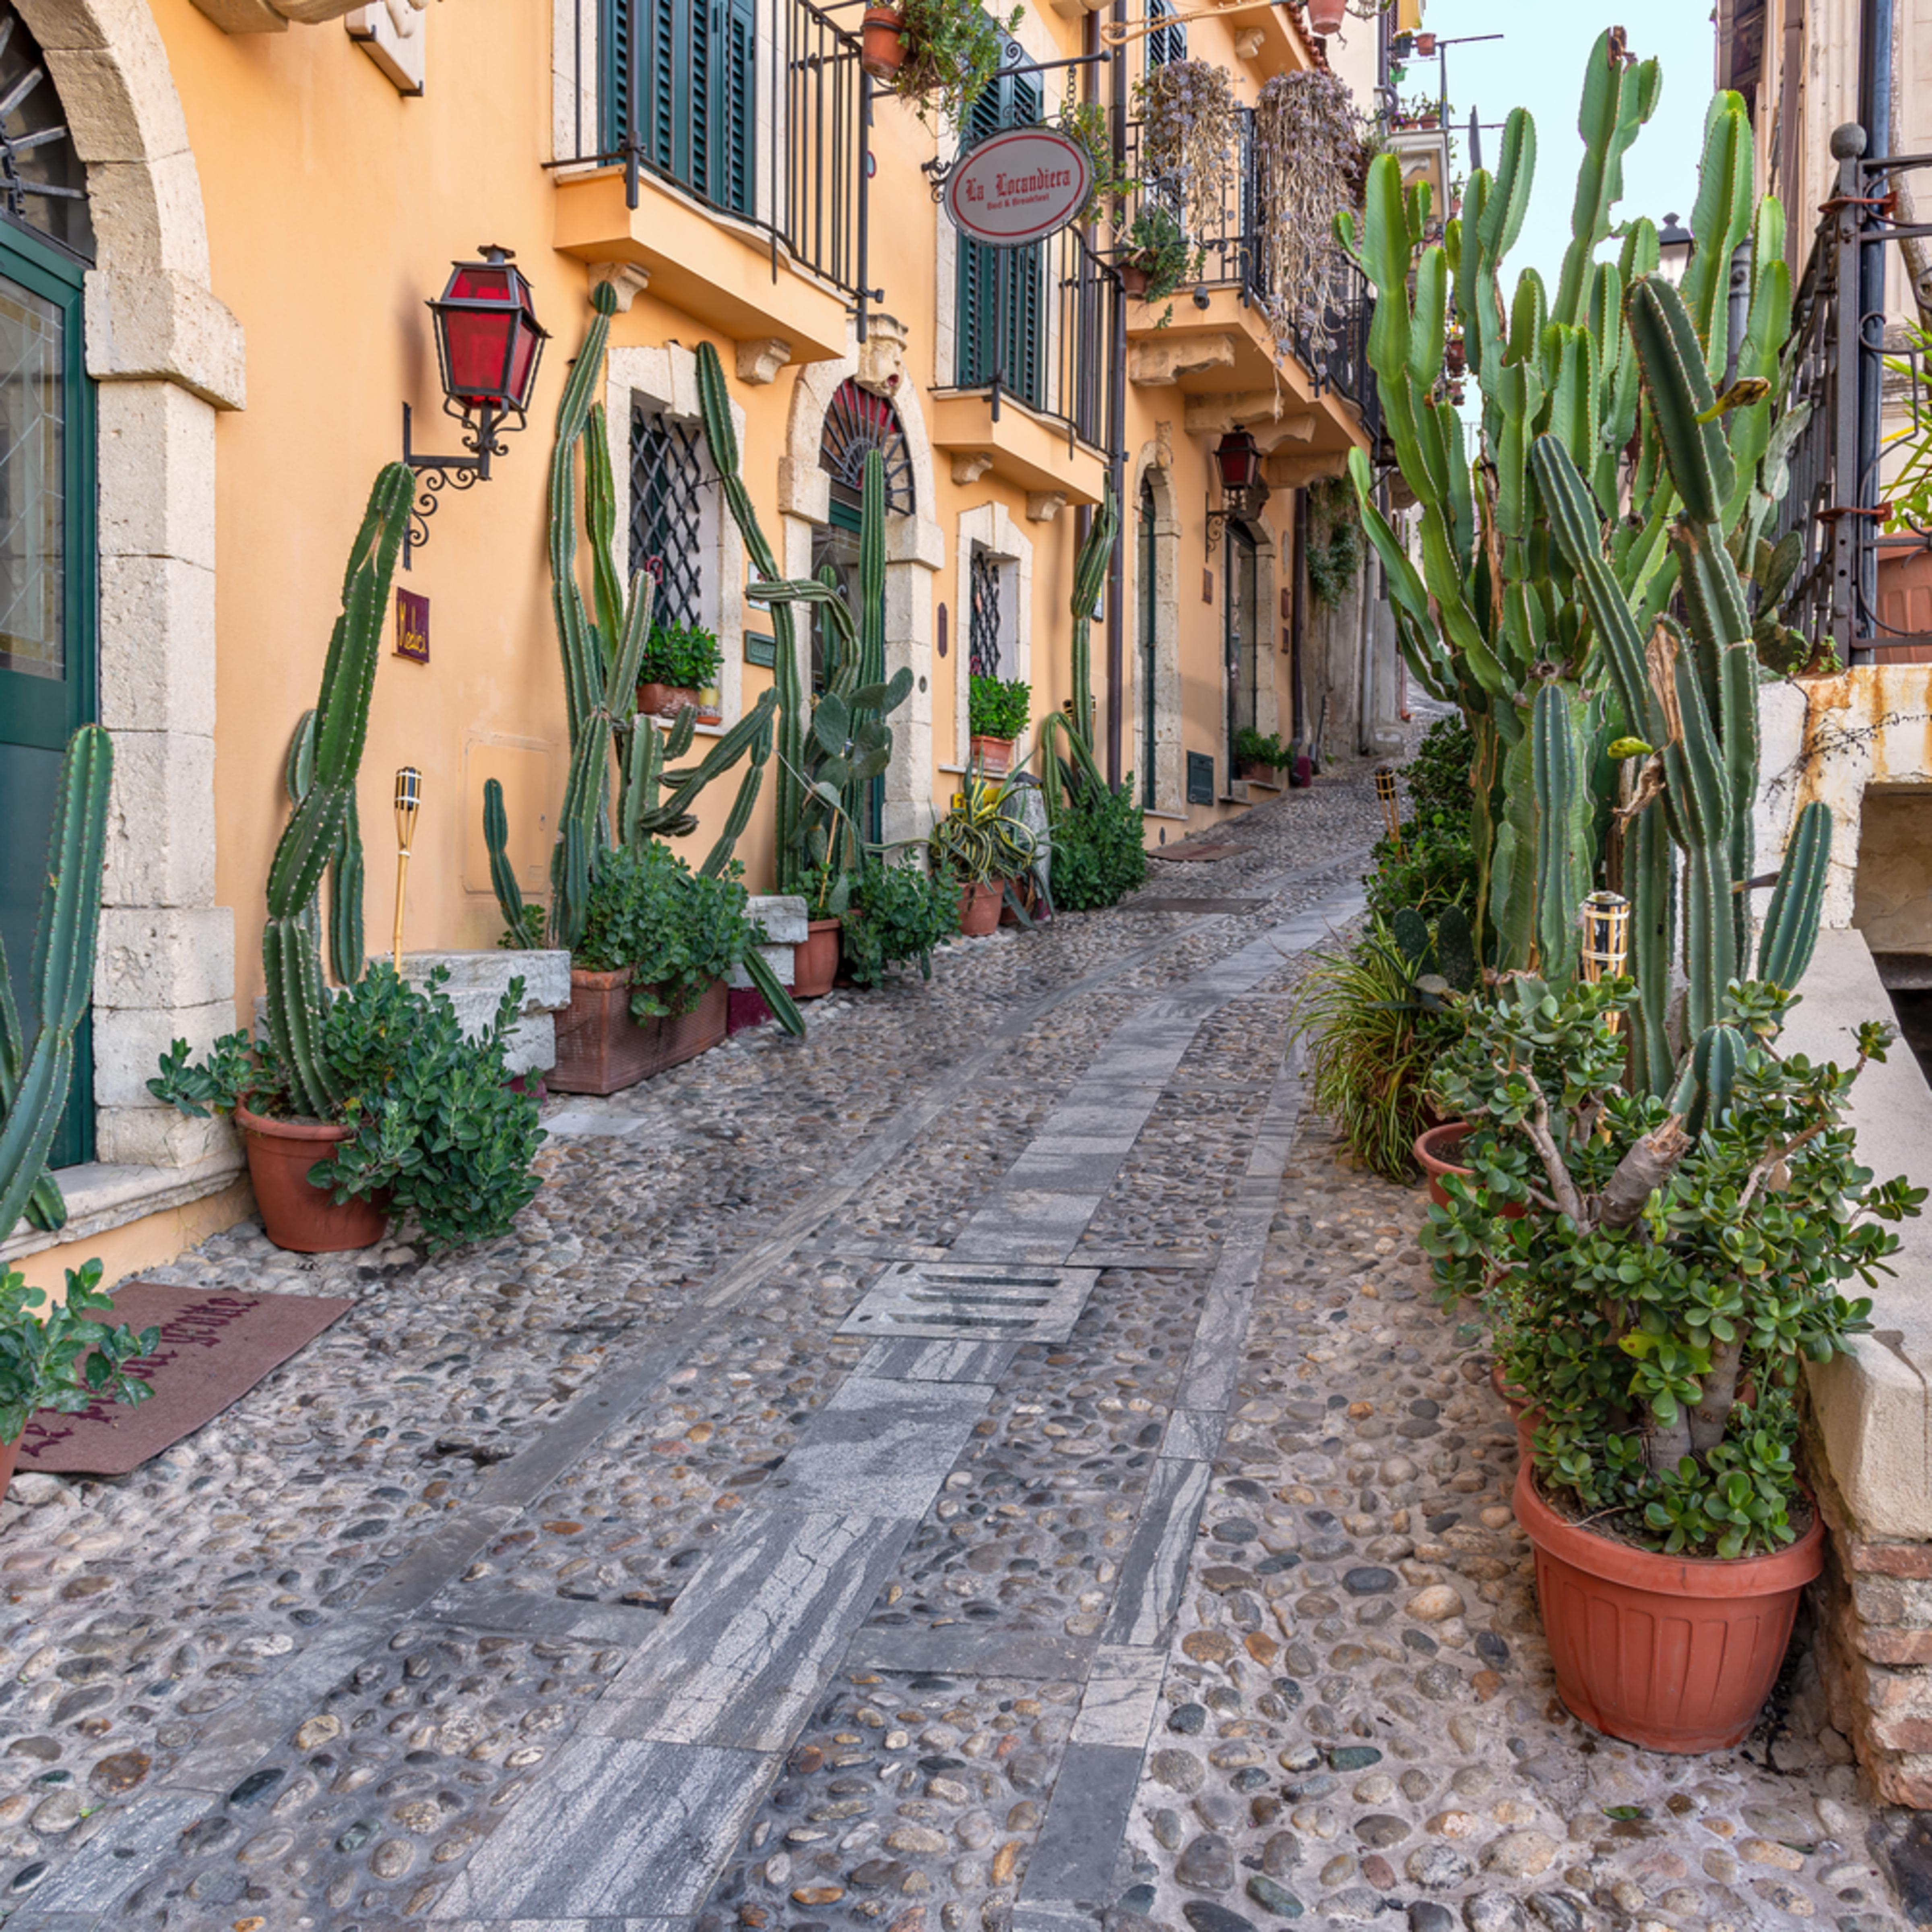 Alleyway in scilla calabria sicily italy lpdbmr